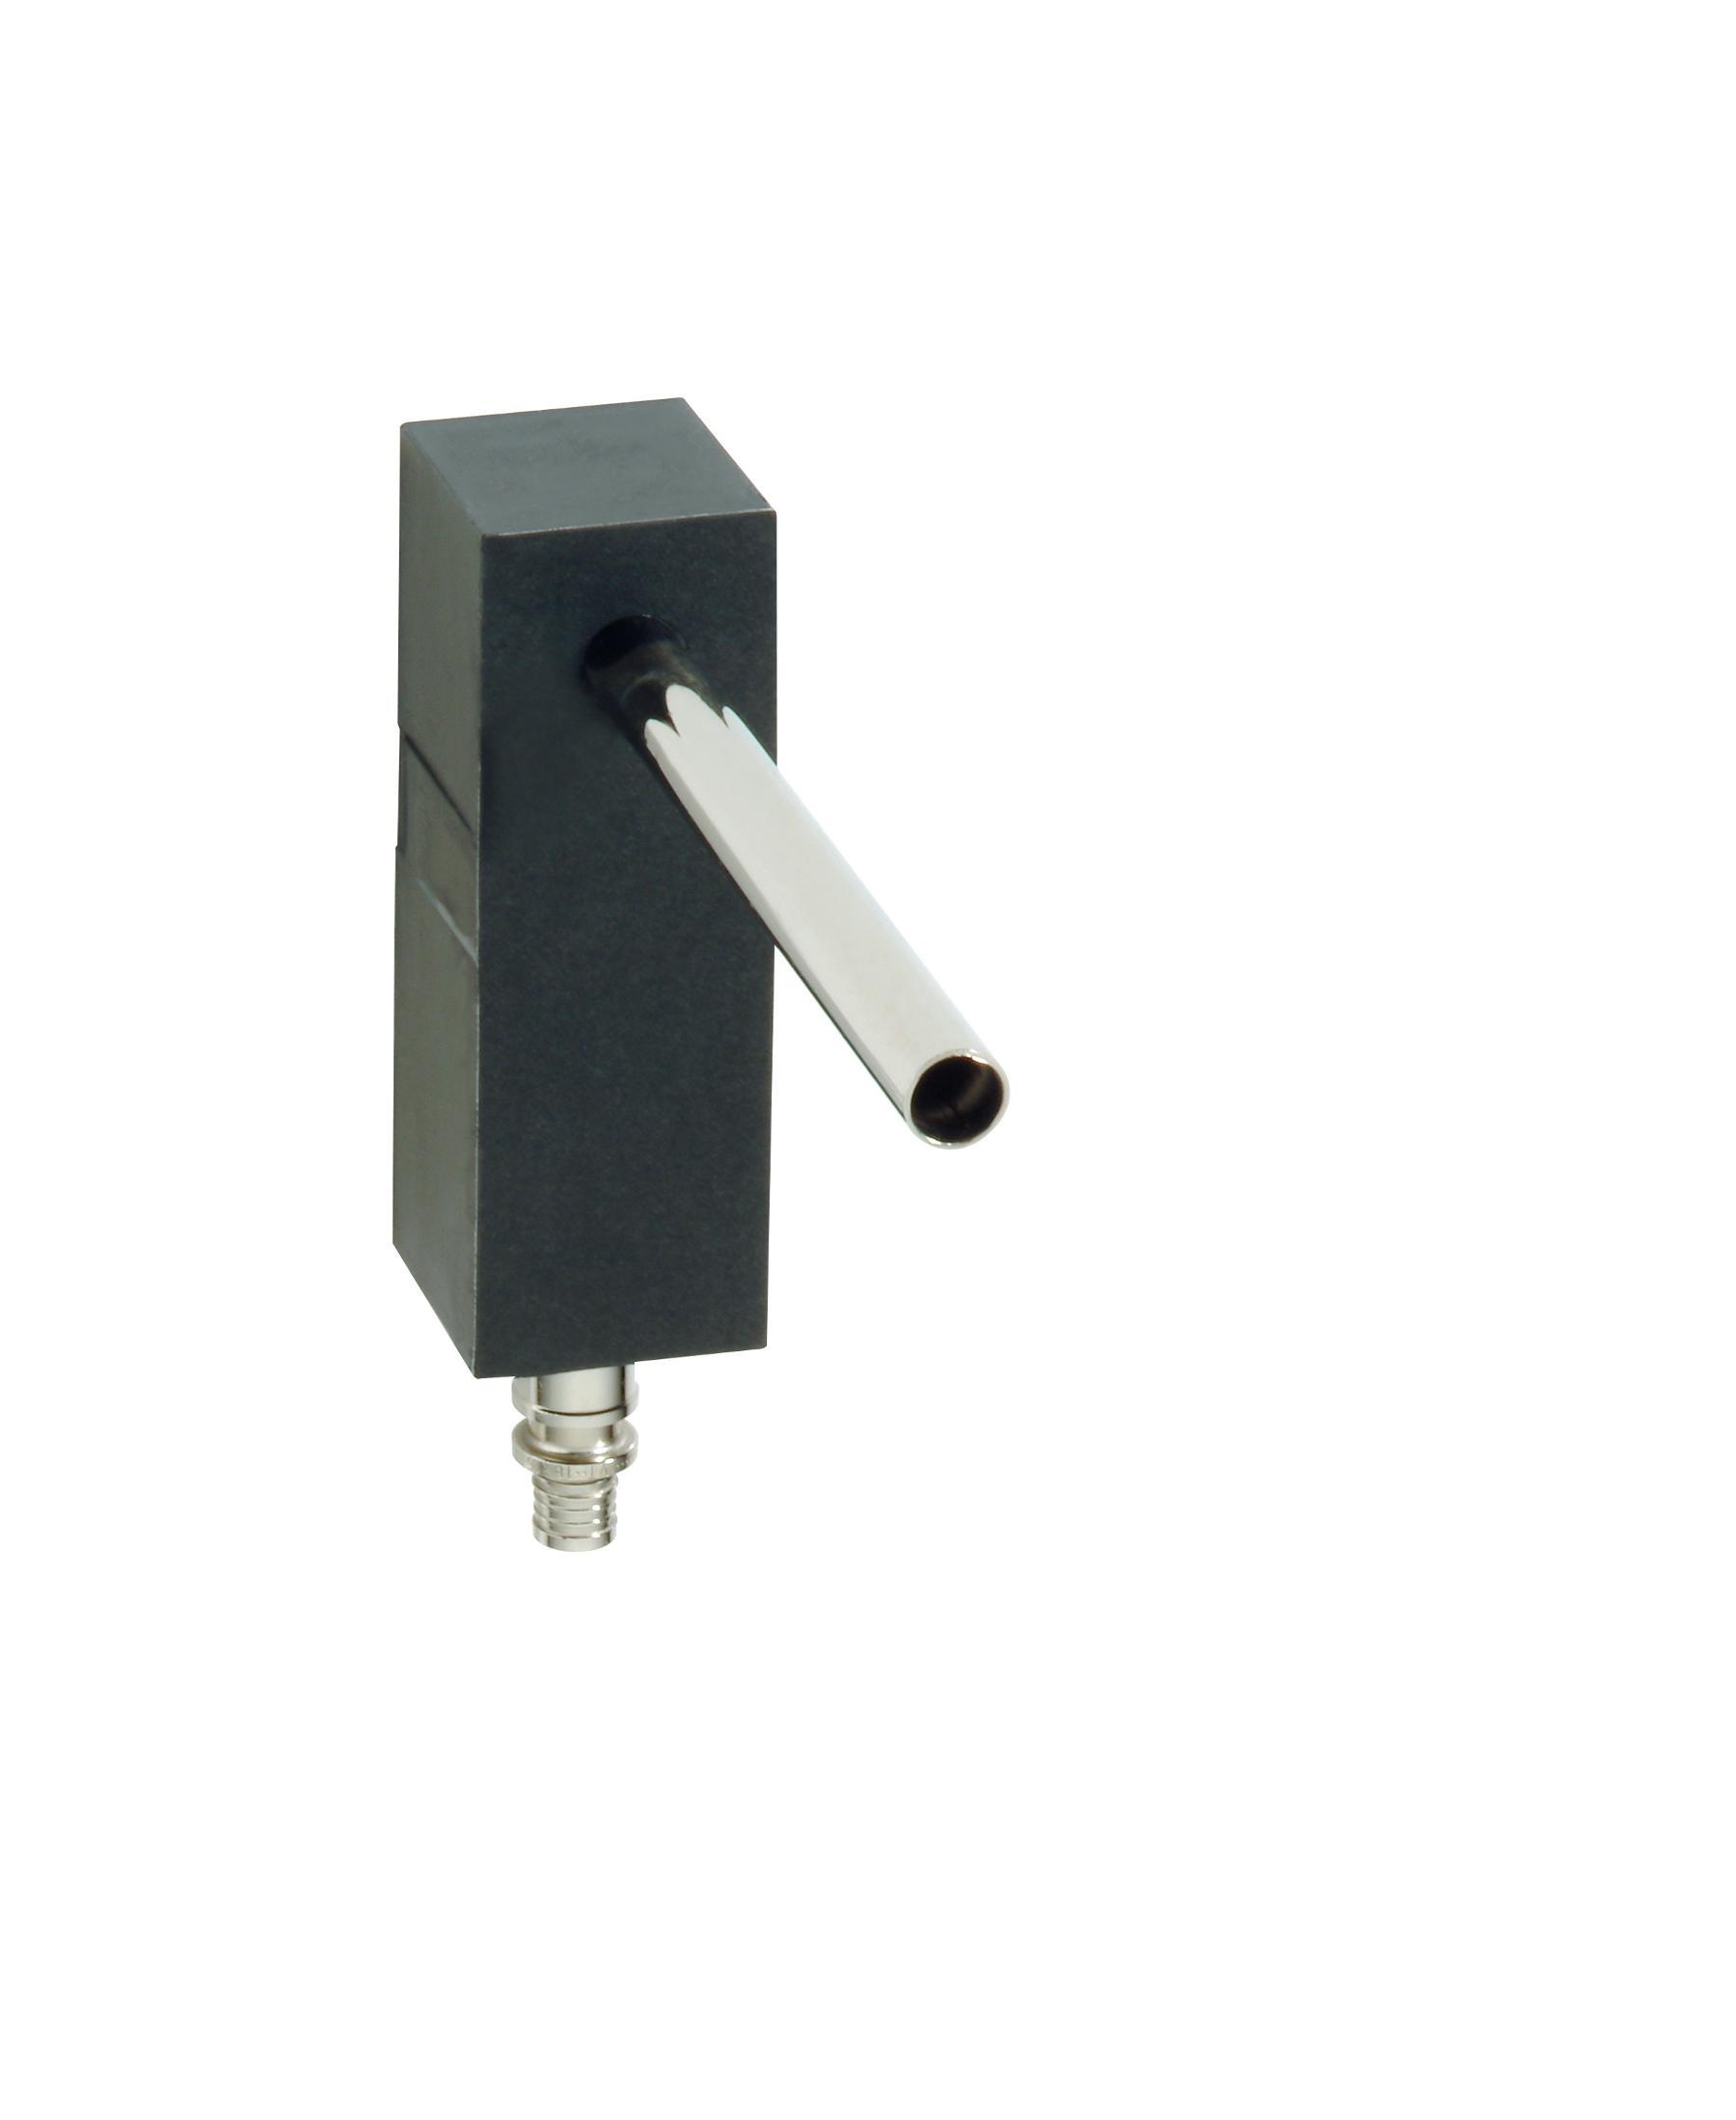 Блок соединения с отопительным прибором, переменный